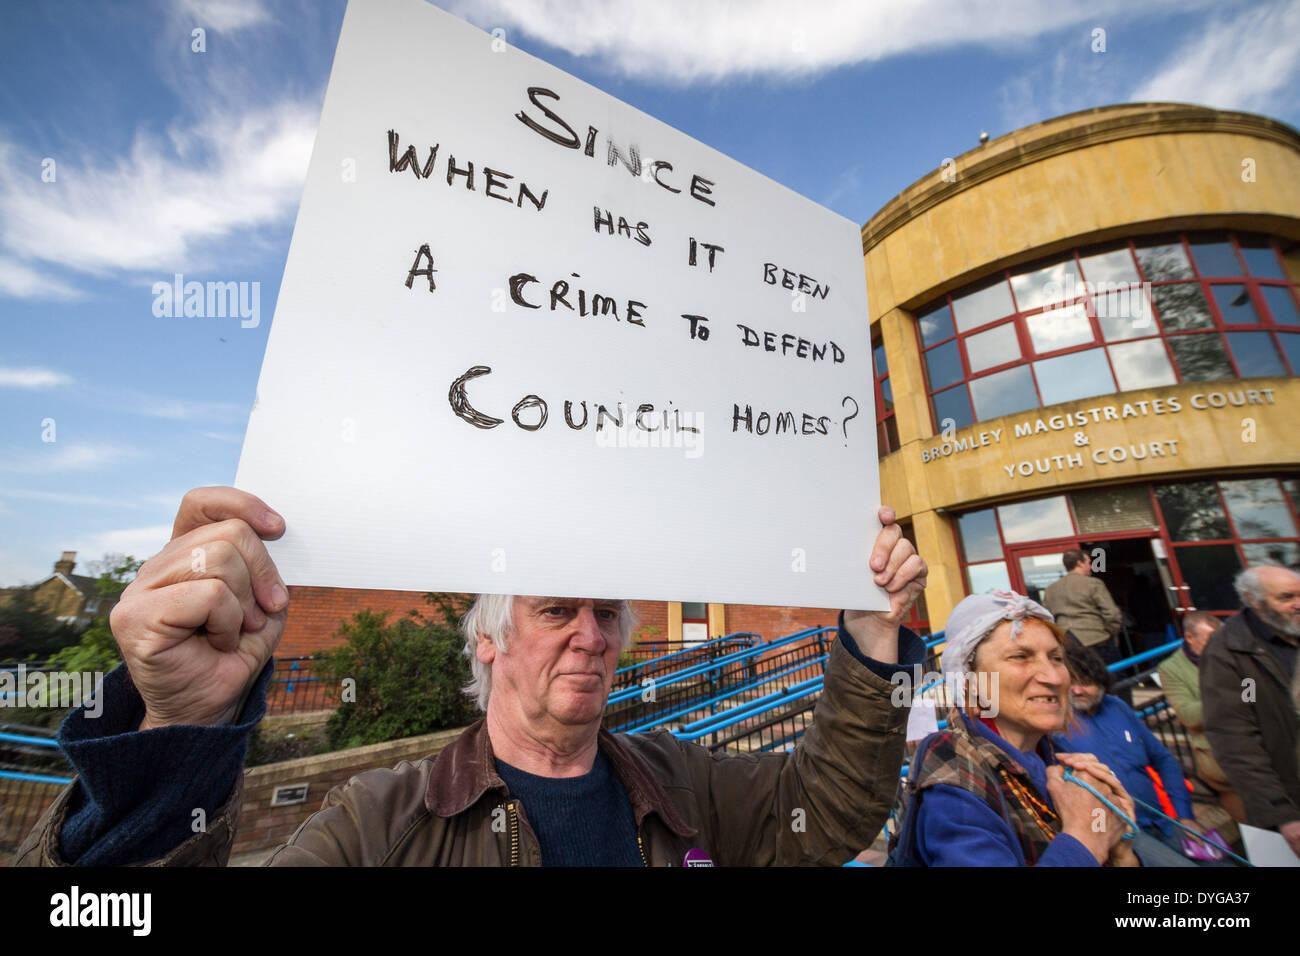 Los miembros y simpatizantes de Lewisham personas antes que el beneficio de terceros (PB4P) fuera del Tribunal de Magistrados de Bromley Kent mostrando apoyo a PB4P high profile miembro: John Hamilton, quien se enfrenta a cargos de daños a la propiedad pública en el sureste de Londres. Foto de stock